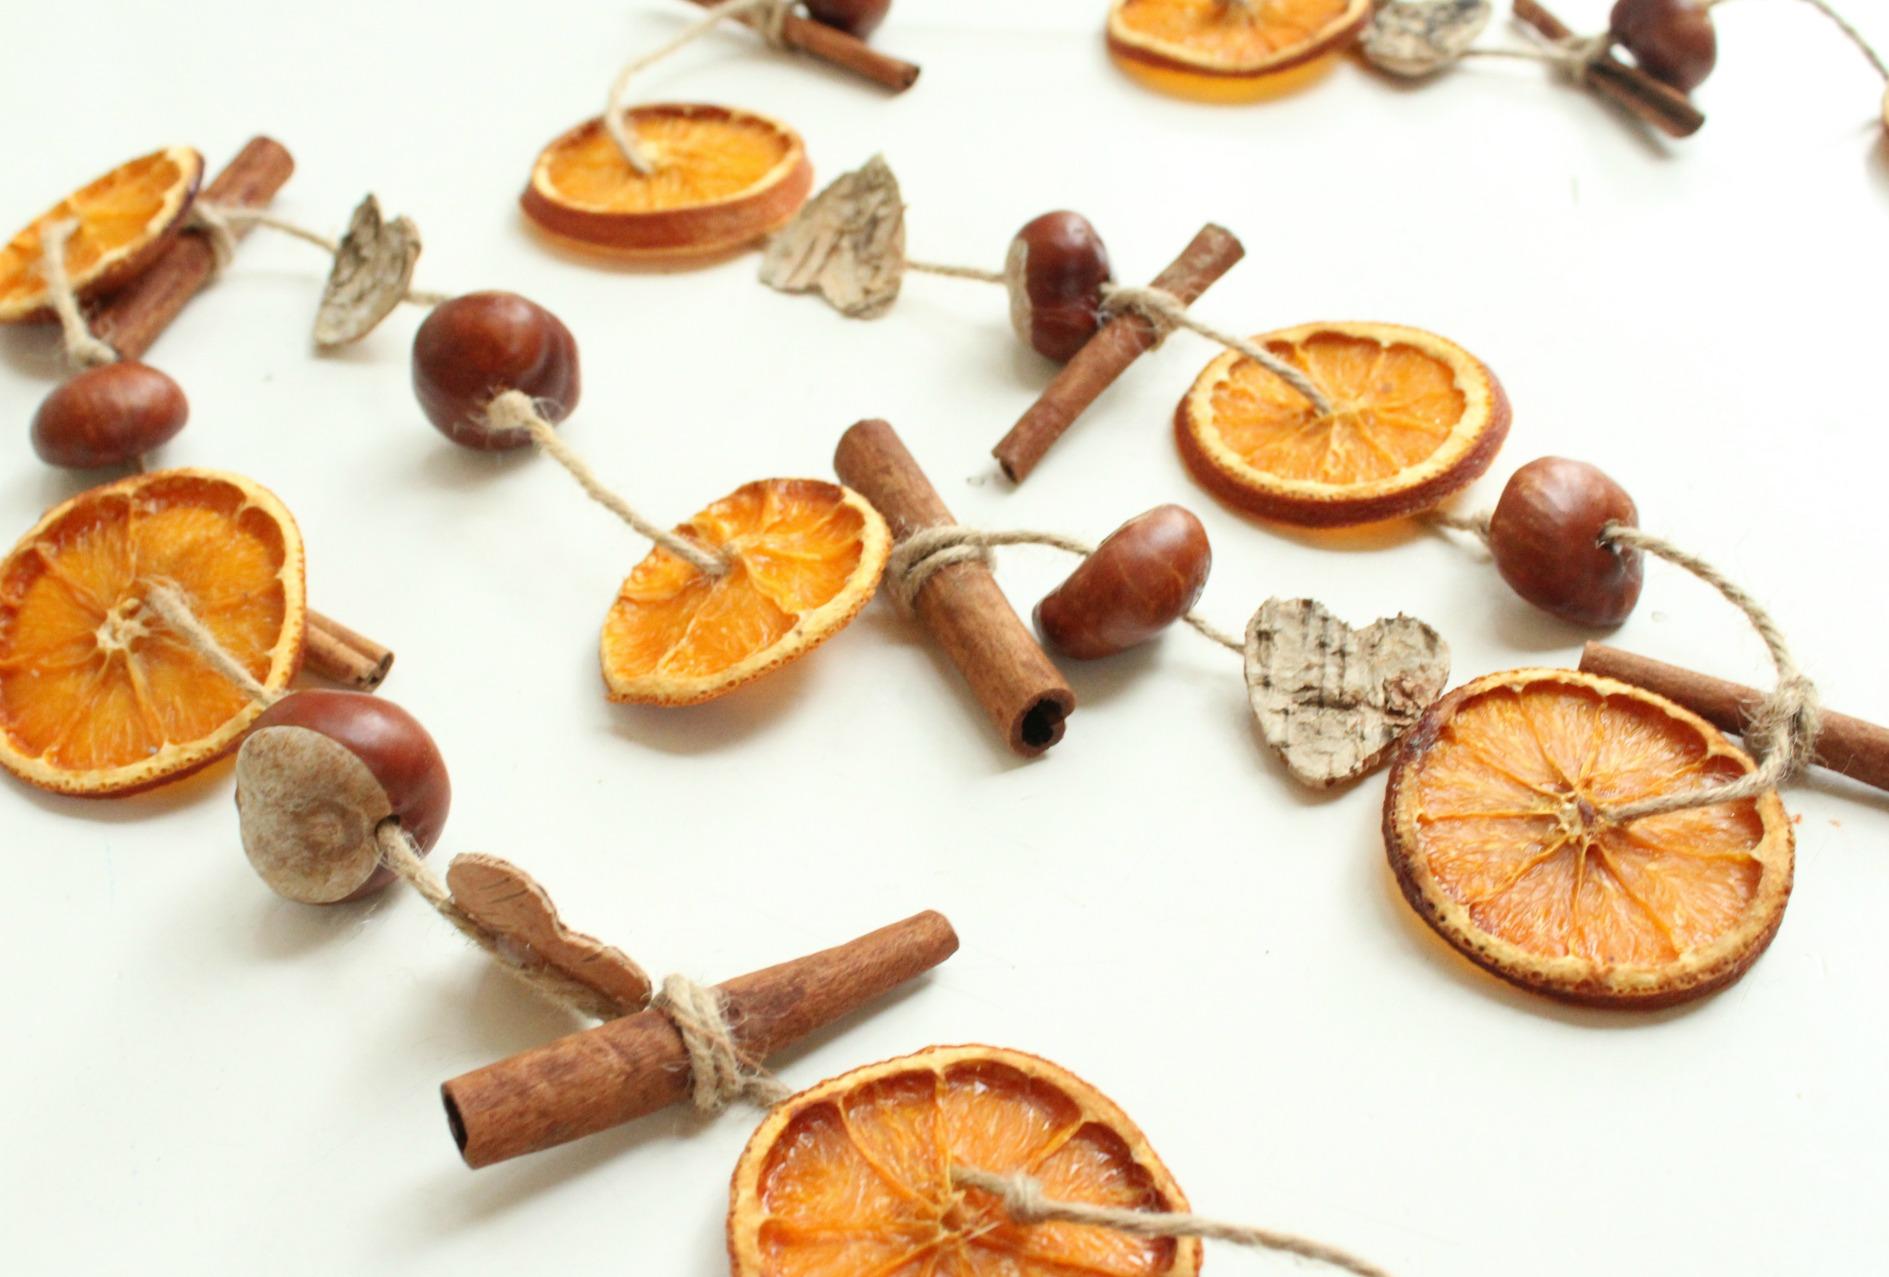 herfstslinger gedroogde sinaasappels_The millennial mom